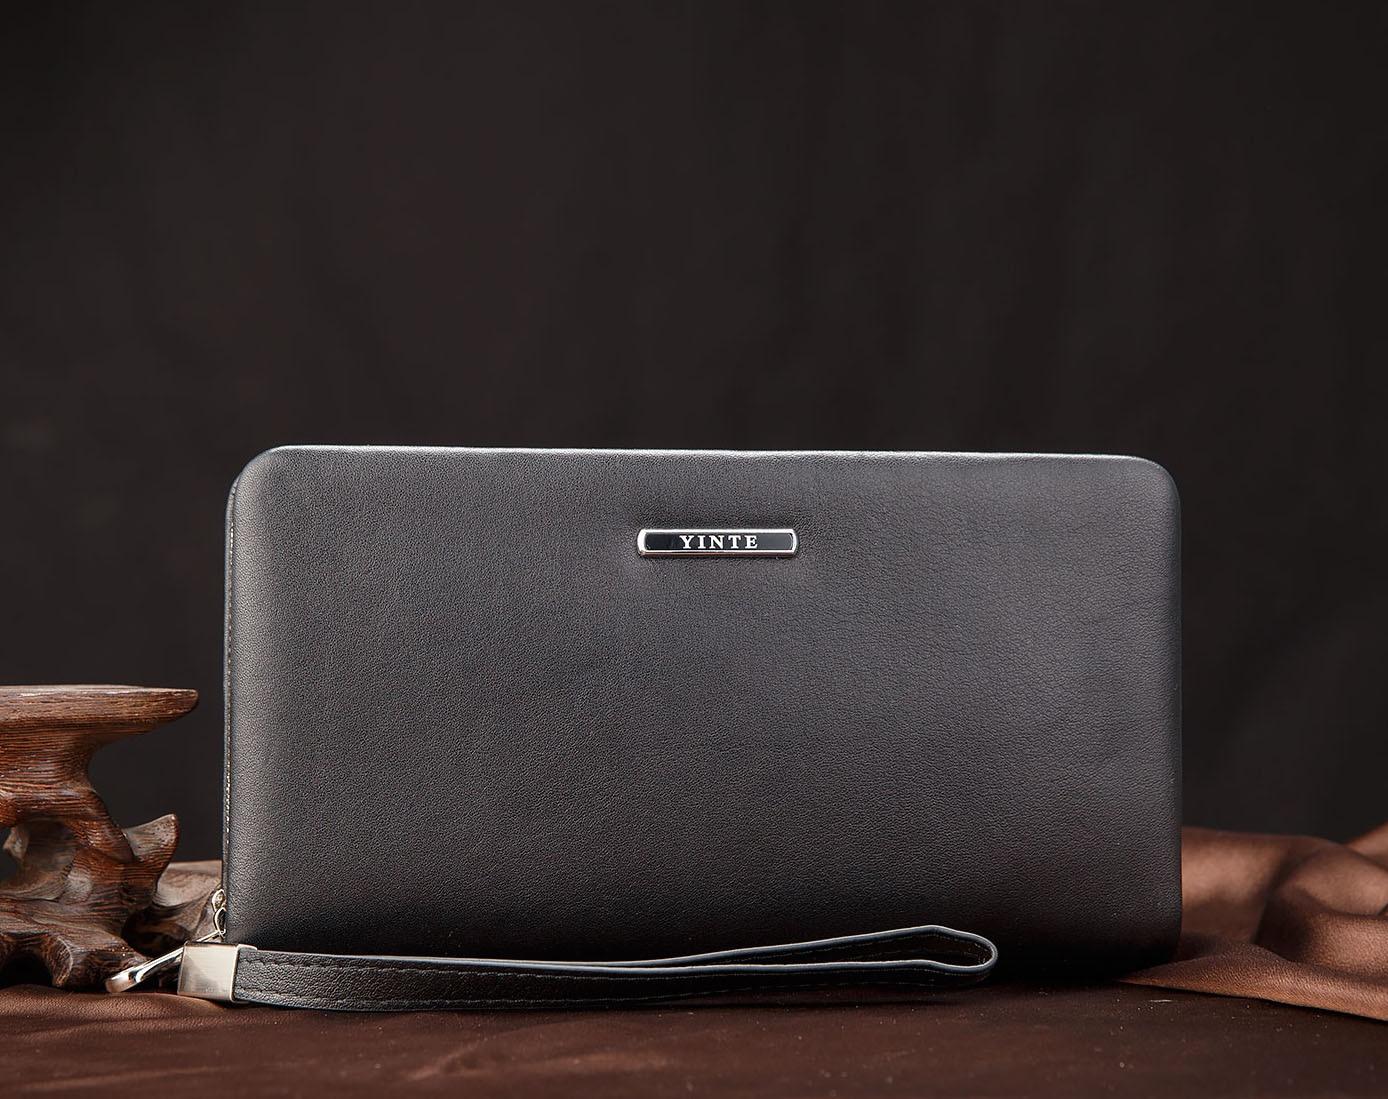 9fce38dd10 YINTE 2017 Leather Vintage Solid Pochette Casse Del Telefono di Marca Mens Portafoglio  Doppia Cerniera Sacchetto di Cuoio Genuino T1611 3A in YINTE 2017 ...